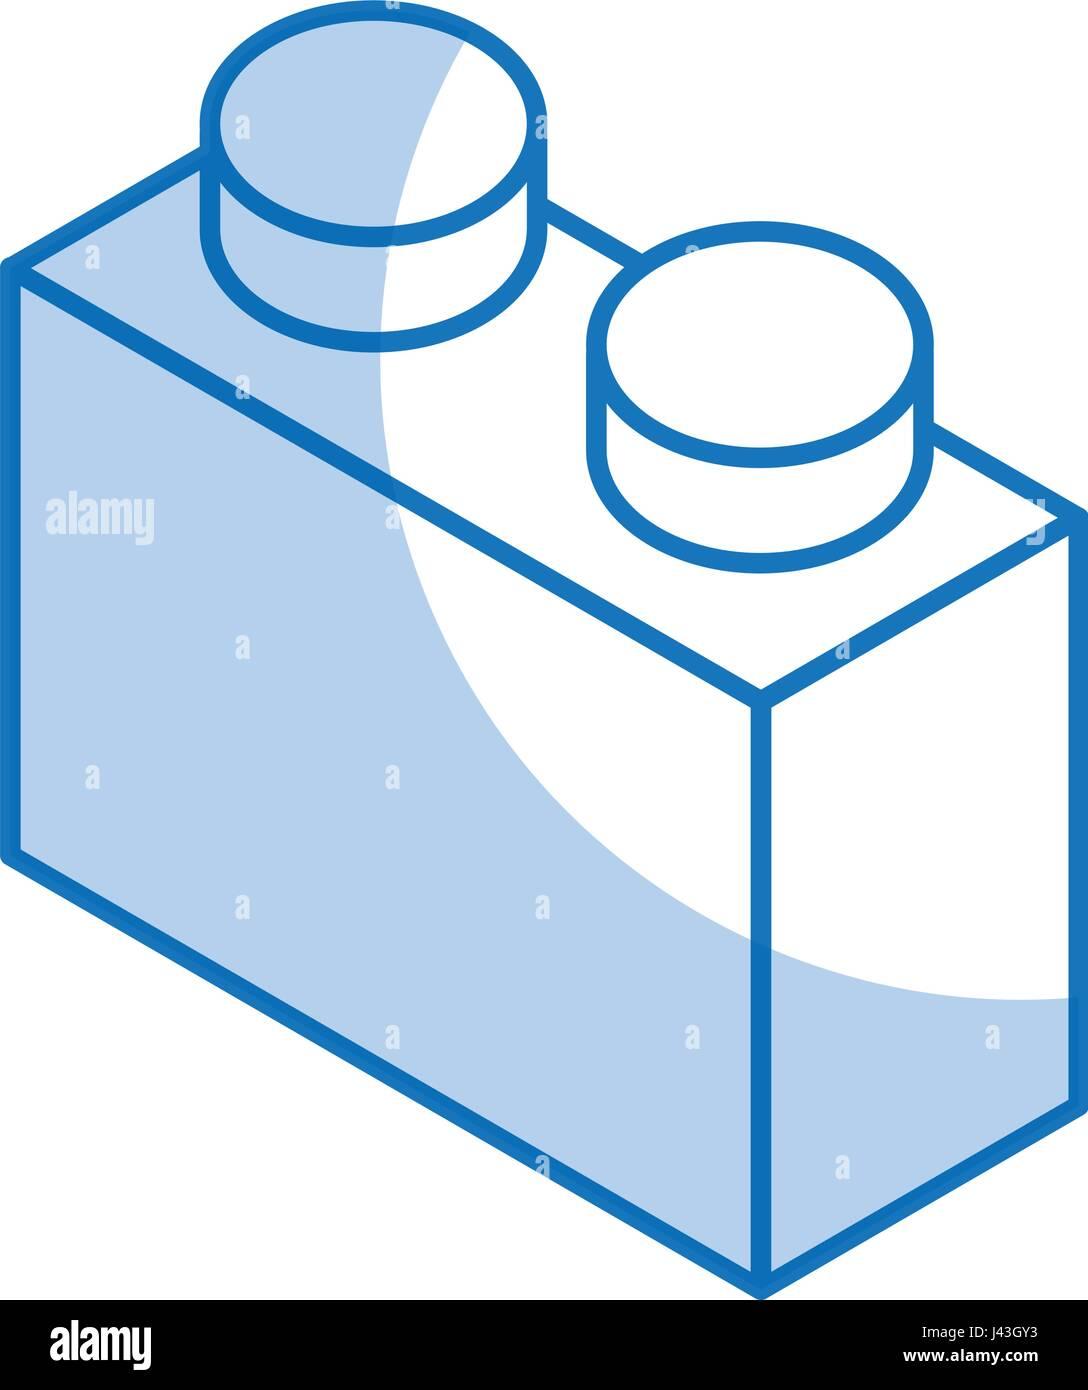 Pièce de jeu bloc isométrique Photo Stock